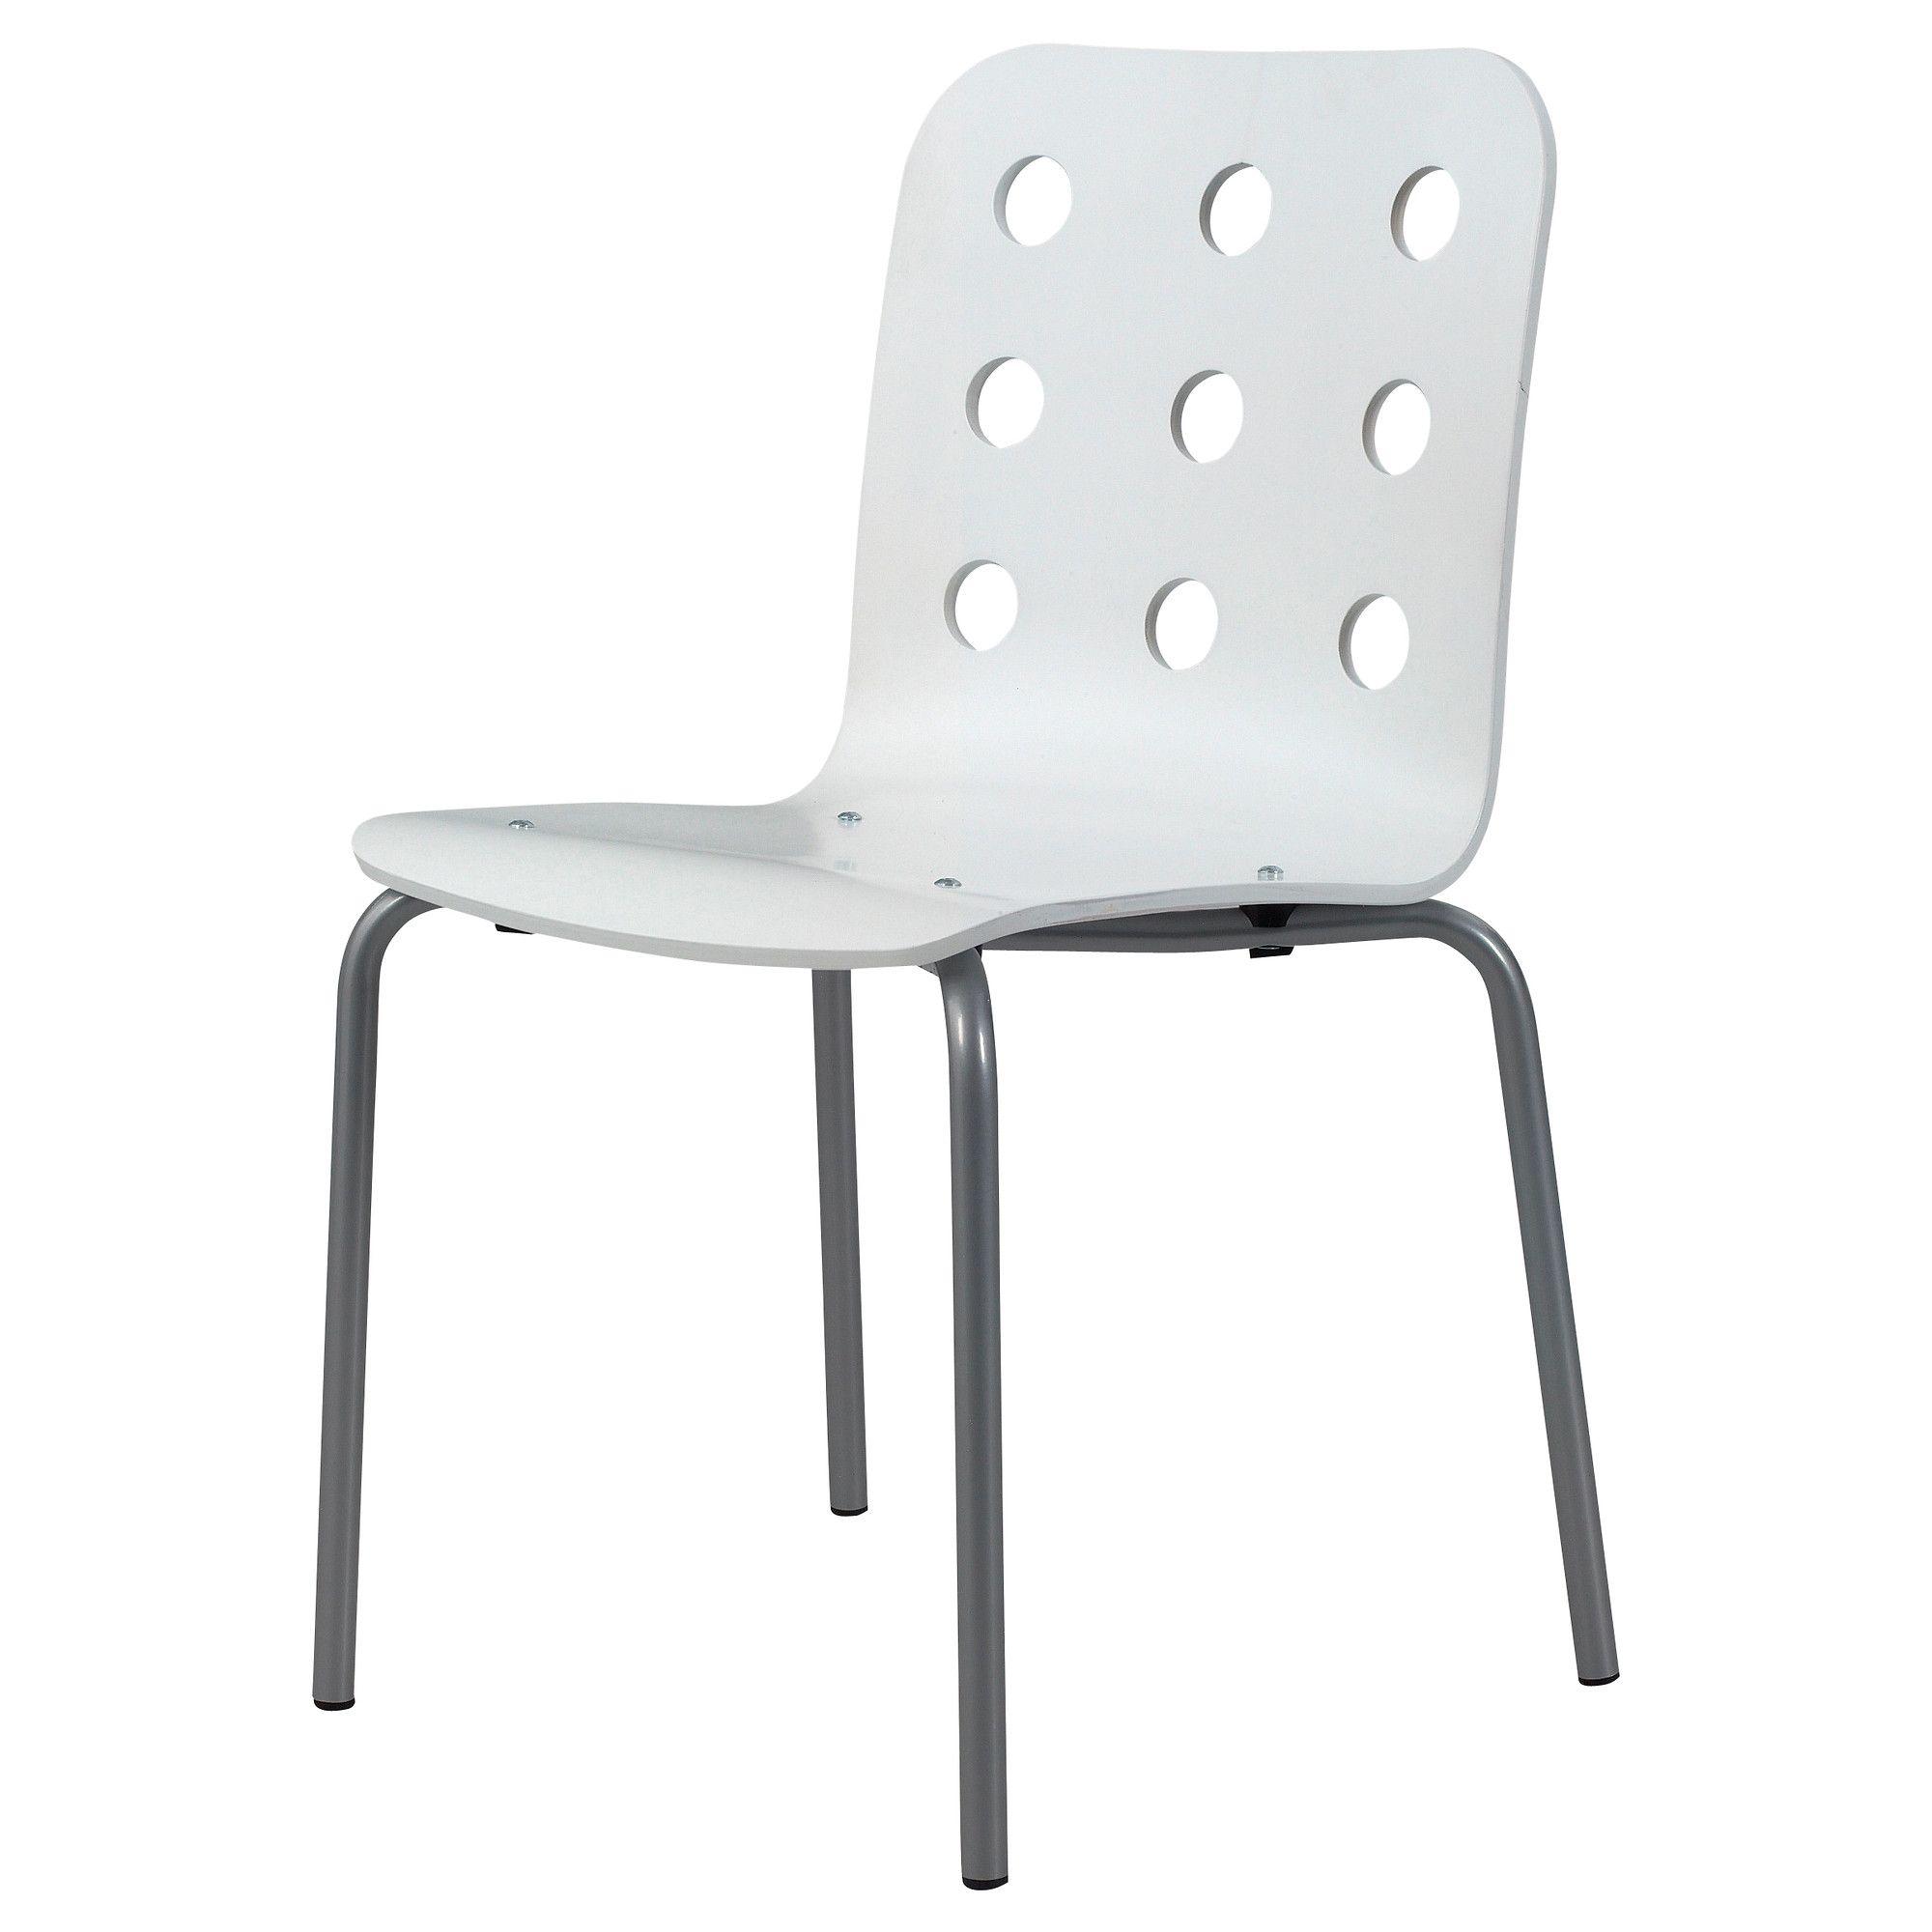 Compra Ikea SofásColchonesDecoración Y OnlineIso Muebles 8X0kOPnw